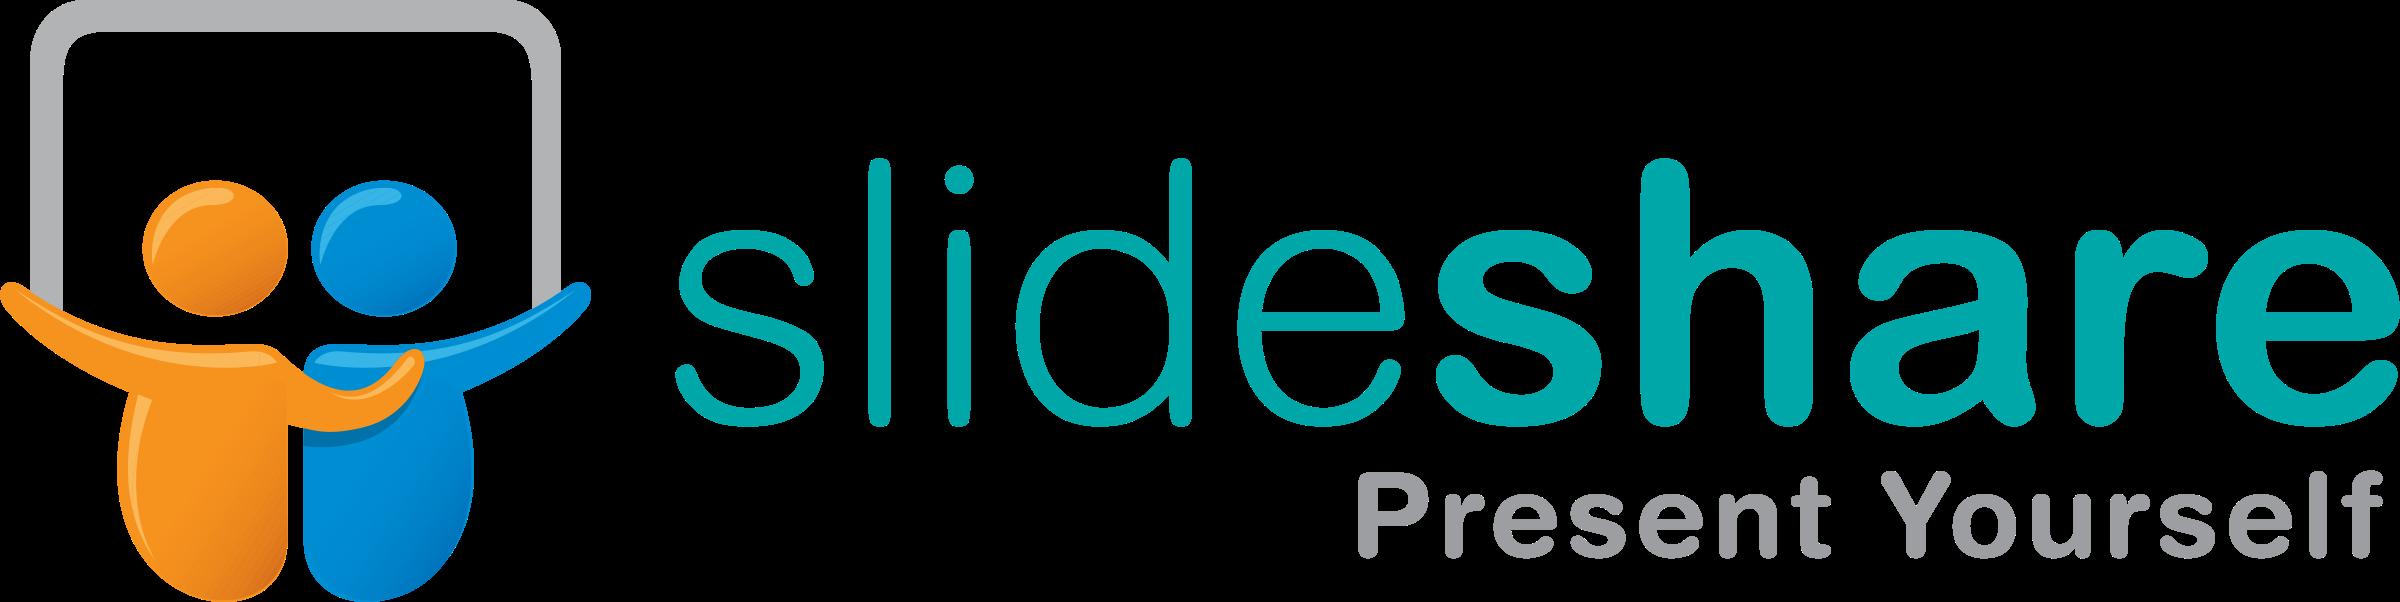 Slideshare Logo PNG Transparent & SVG Vector - Freebie Supply